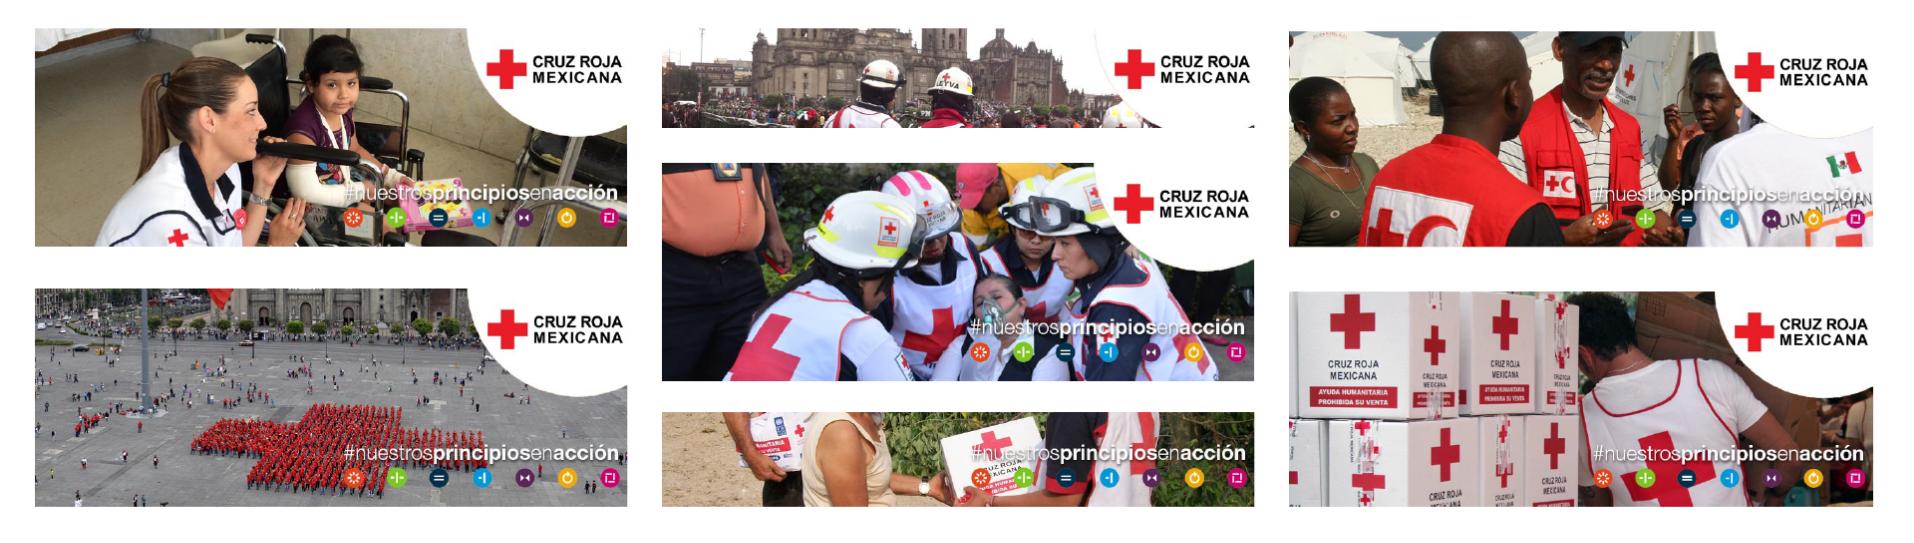 7 Principios de la Cruz Roja